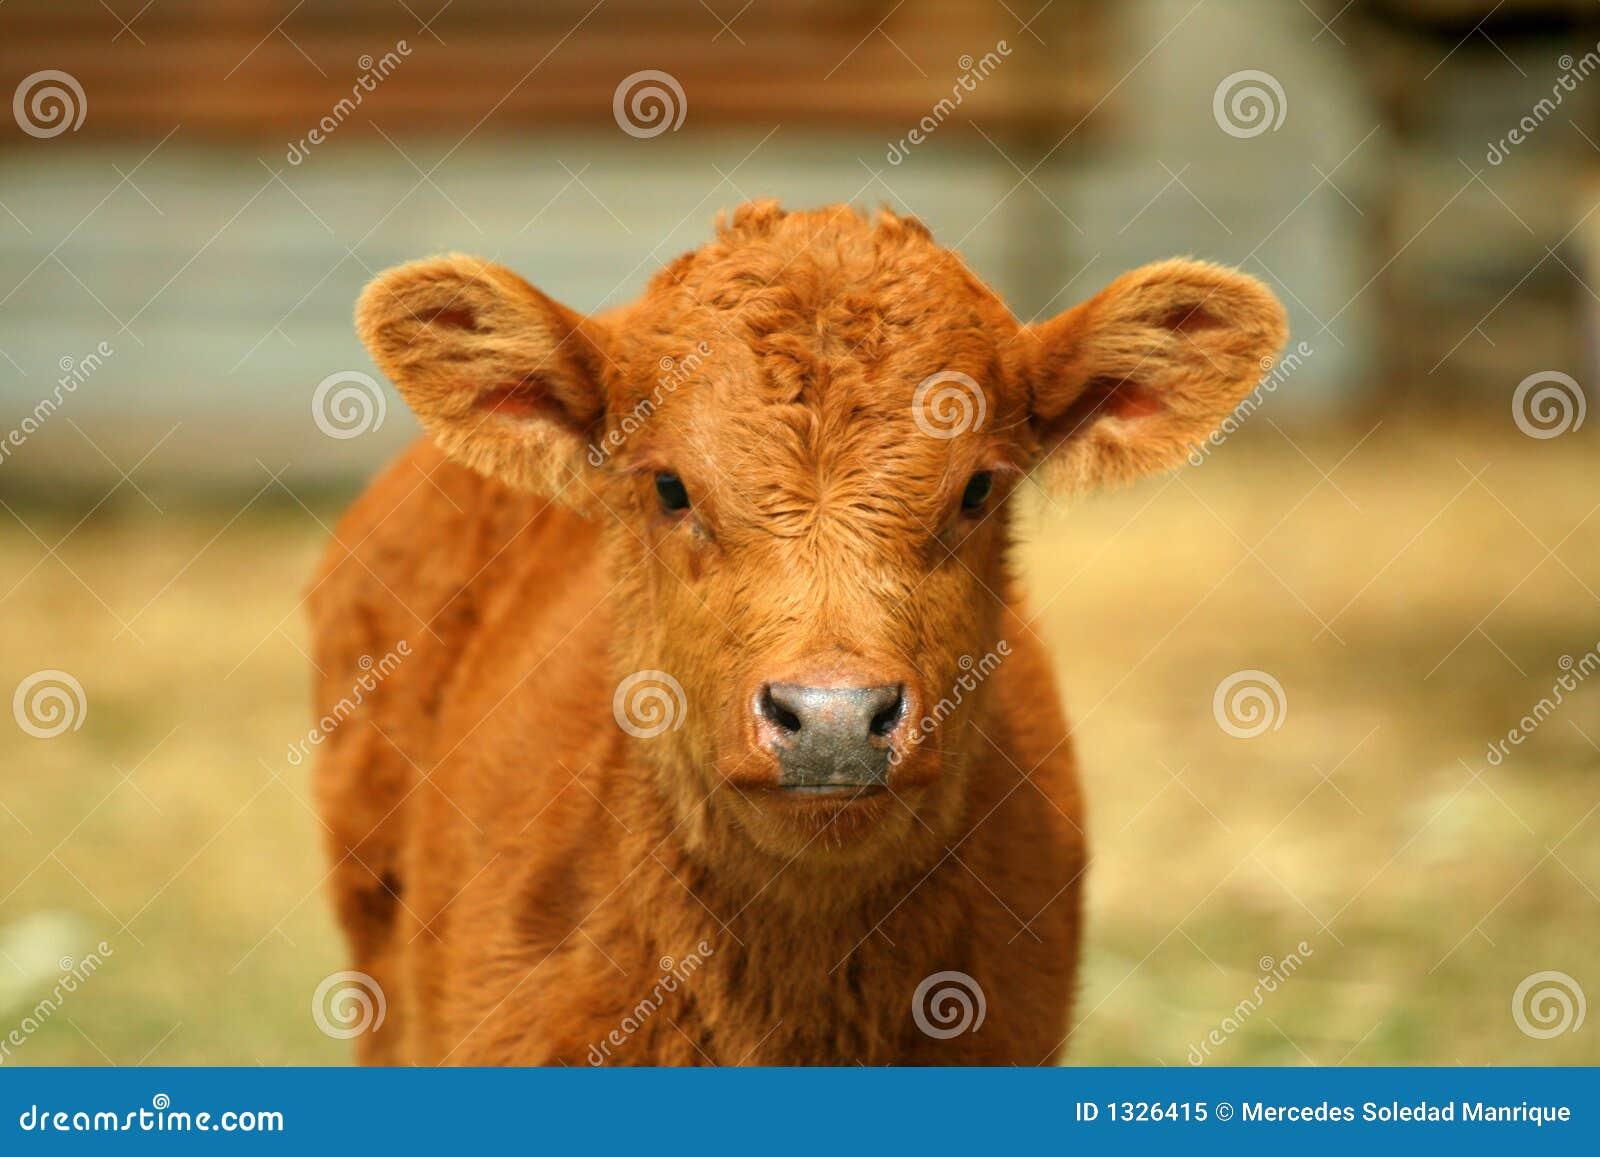 bull face vector